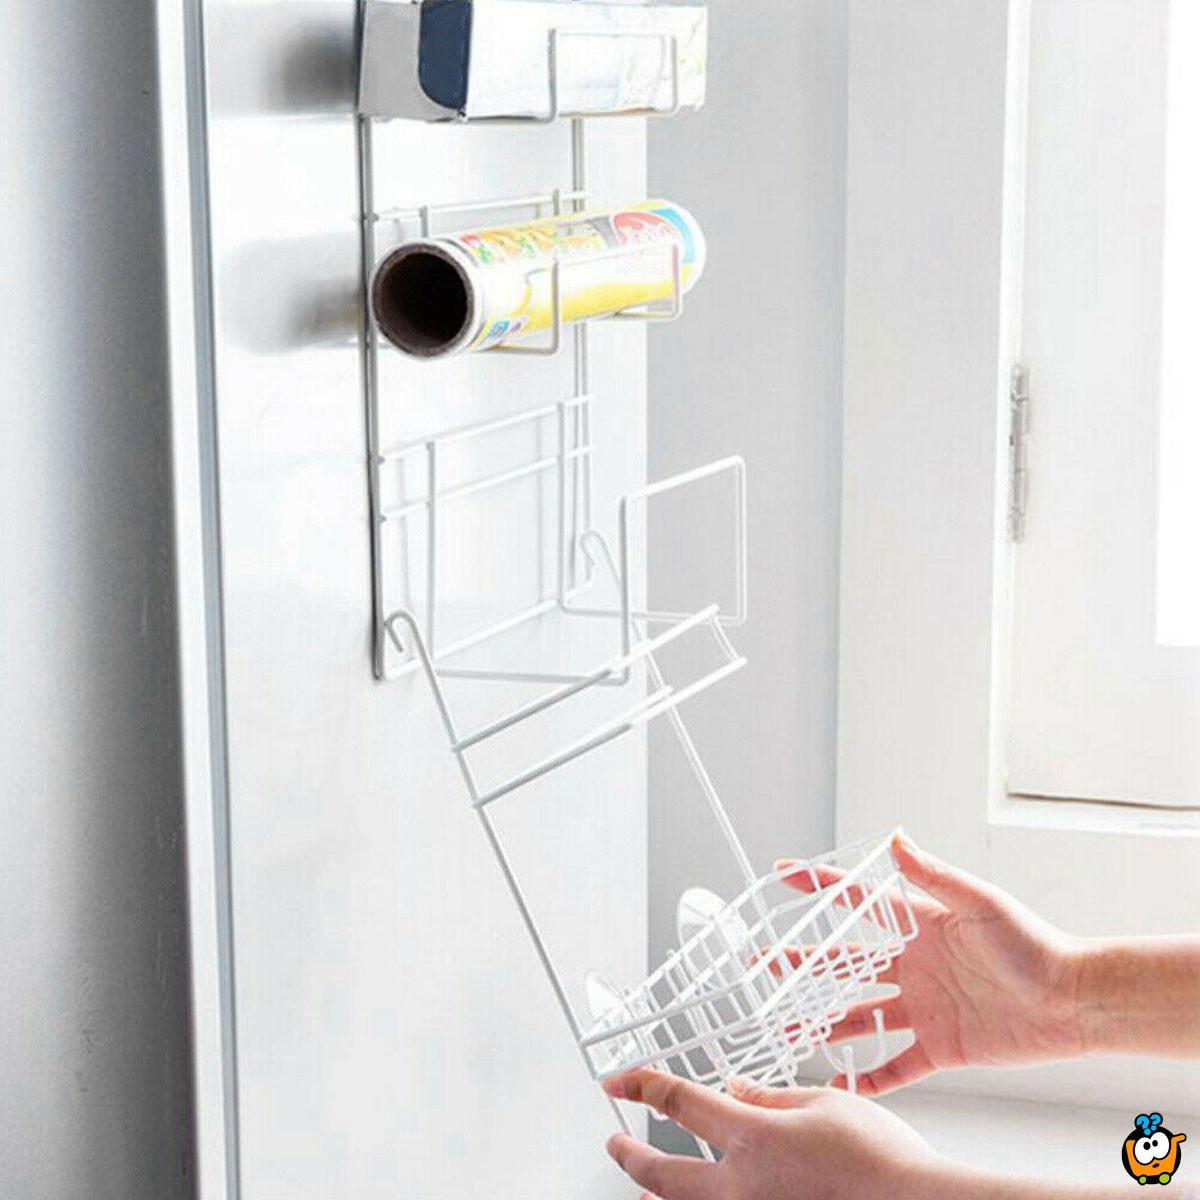 Frudge Side Shelf – 6u1 vakum držac sa kukicama koji se montira na frižider